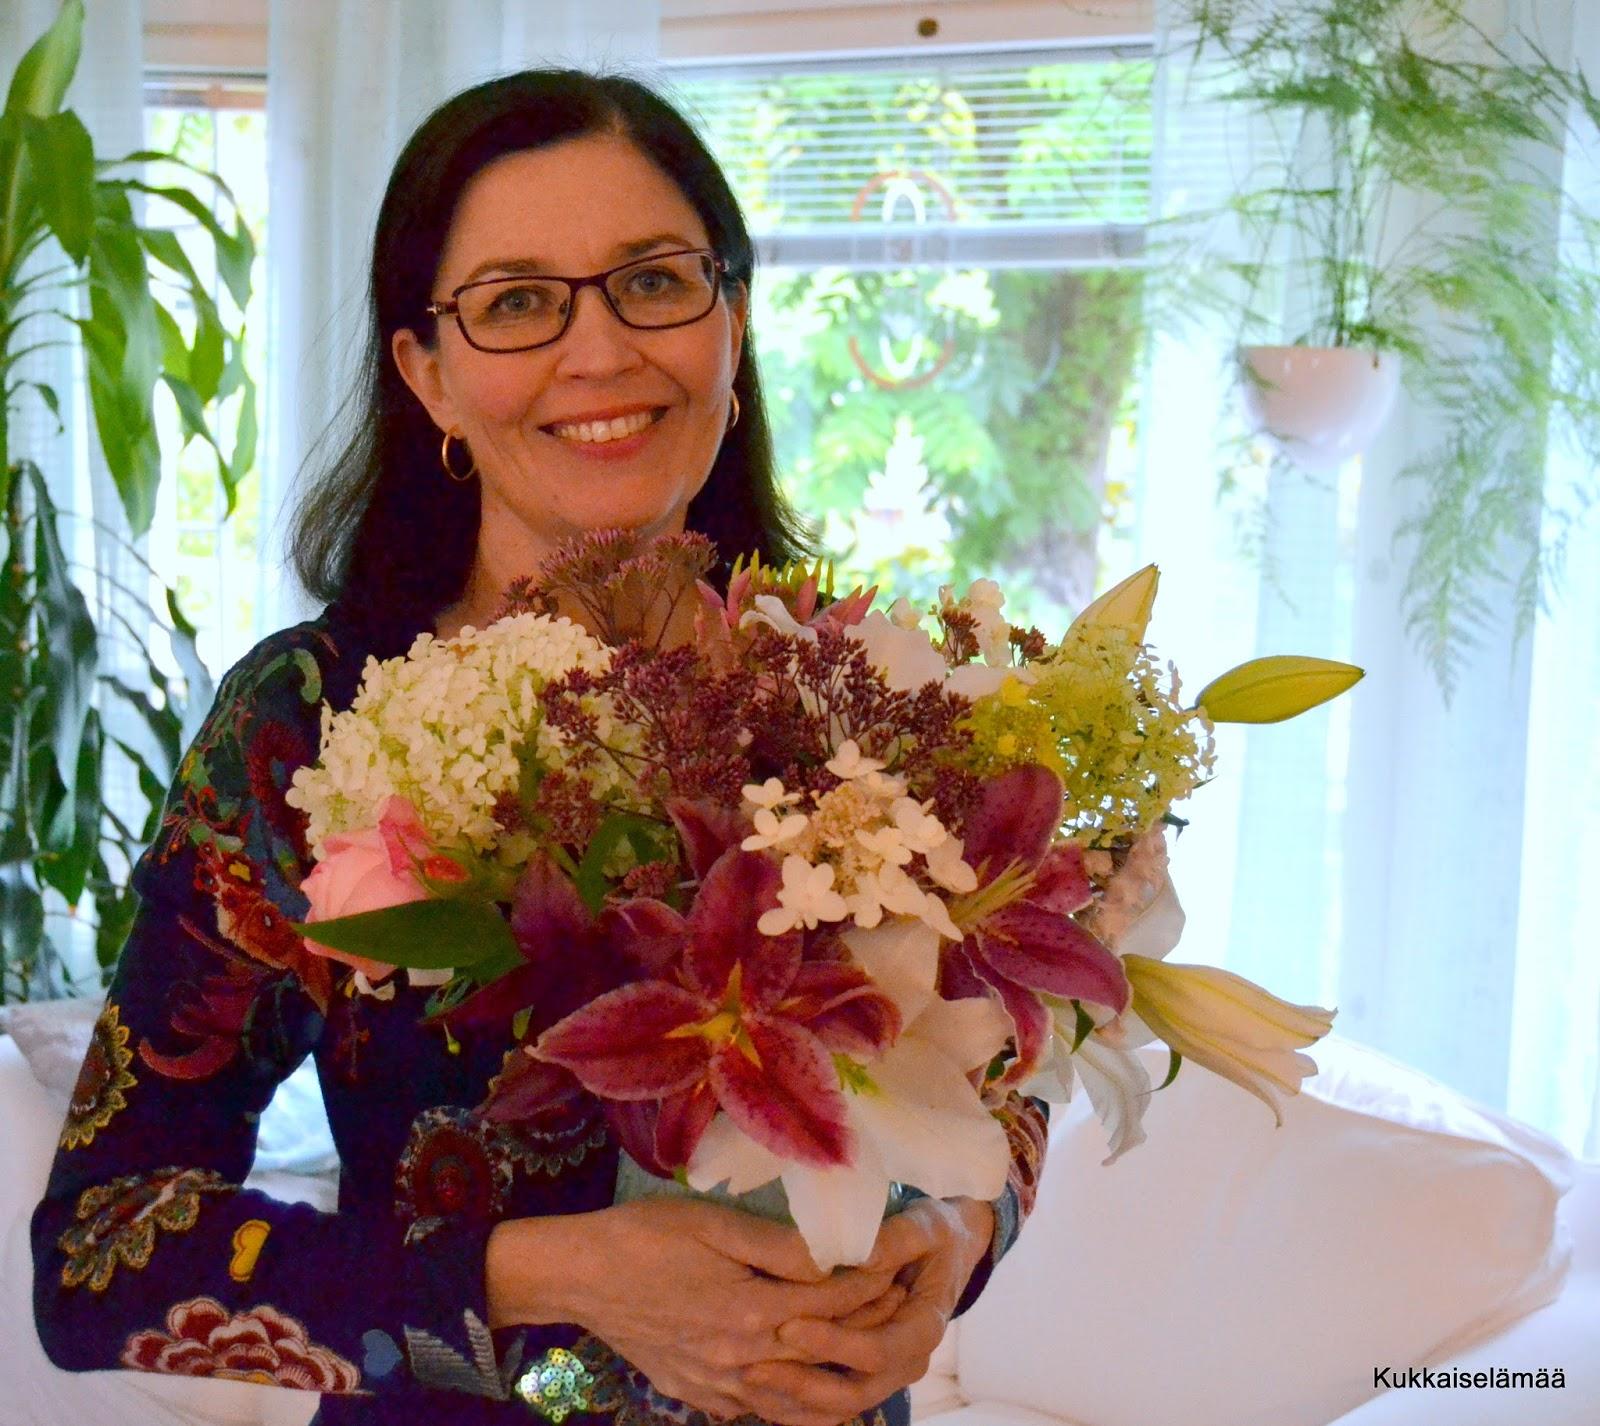 Syksyn ja kevään kukkia + arvontamuistutus!